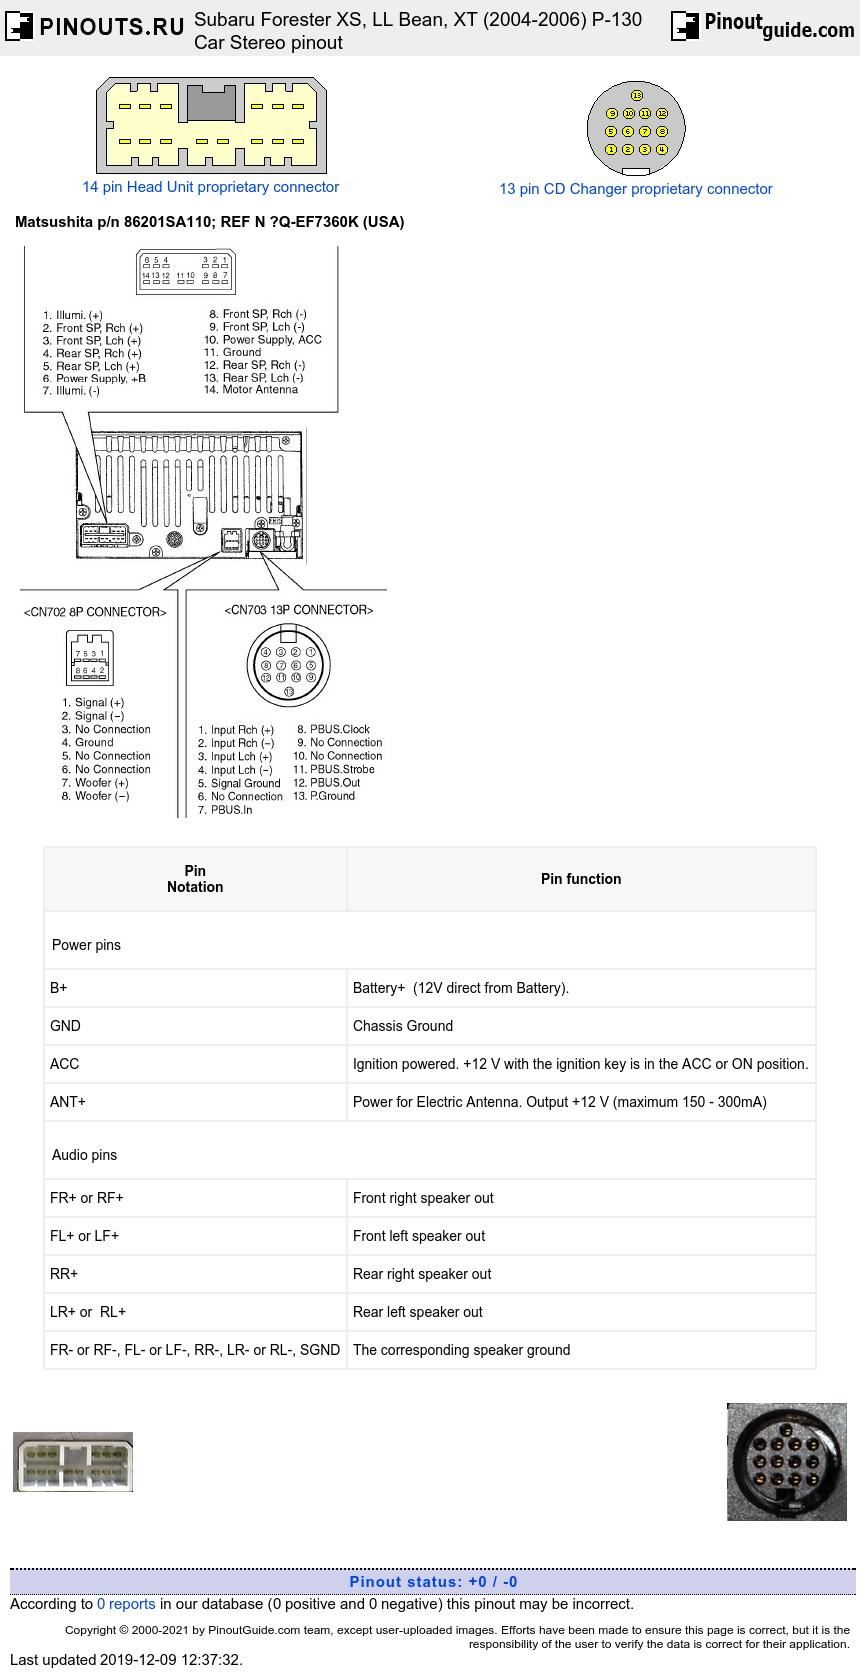 medium resolution of subaru p 130 diagram